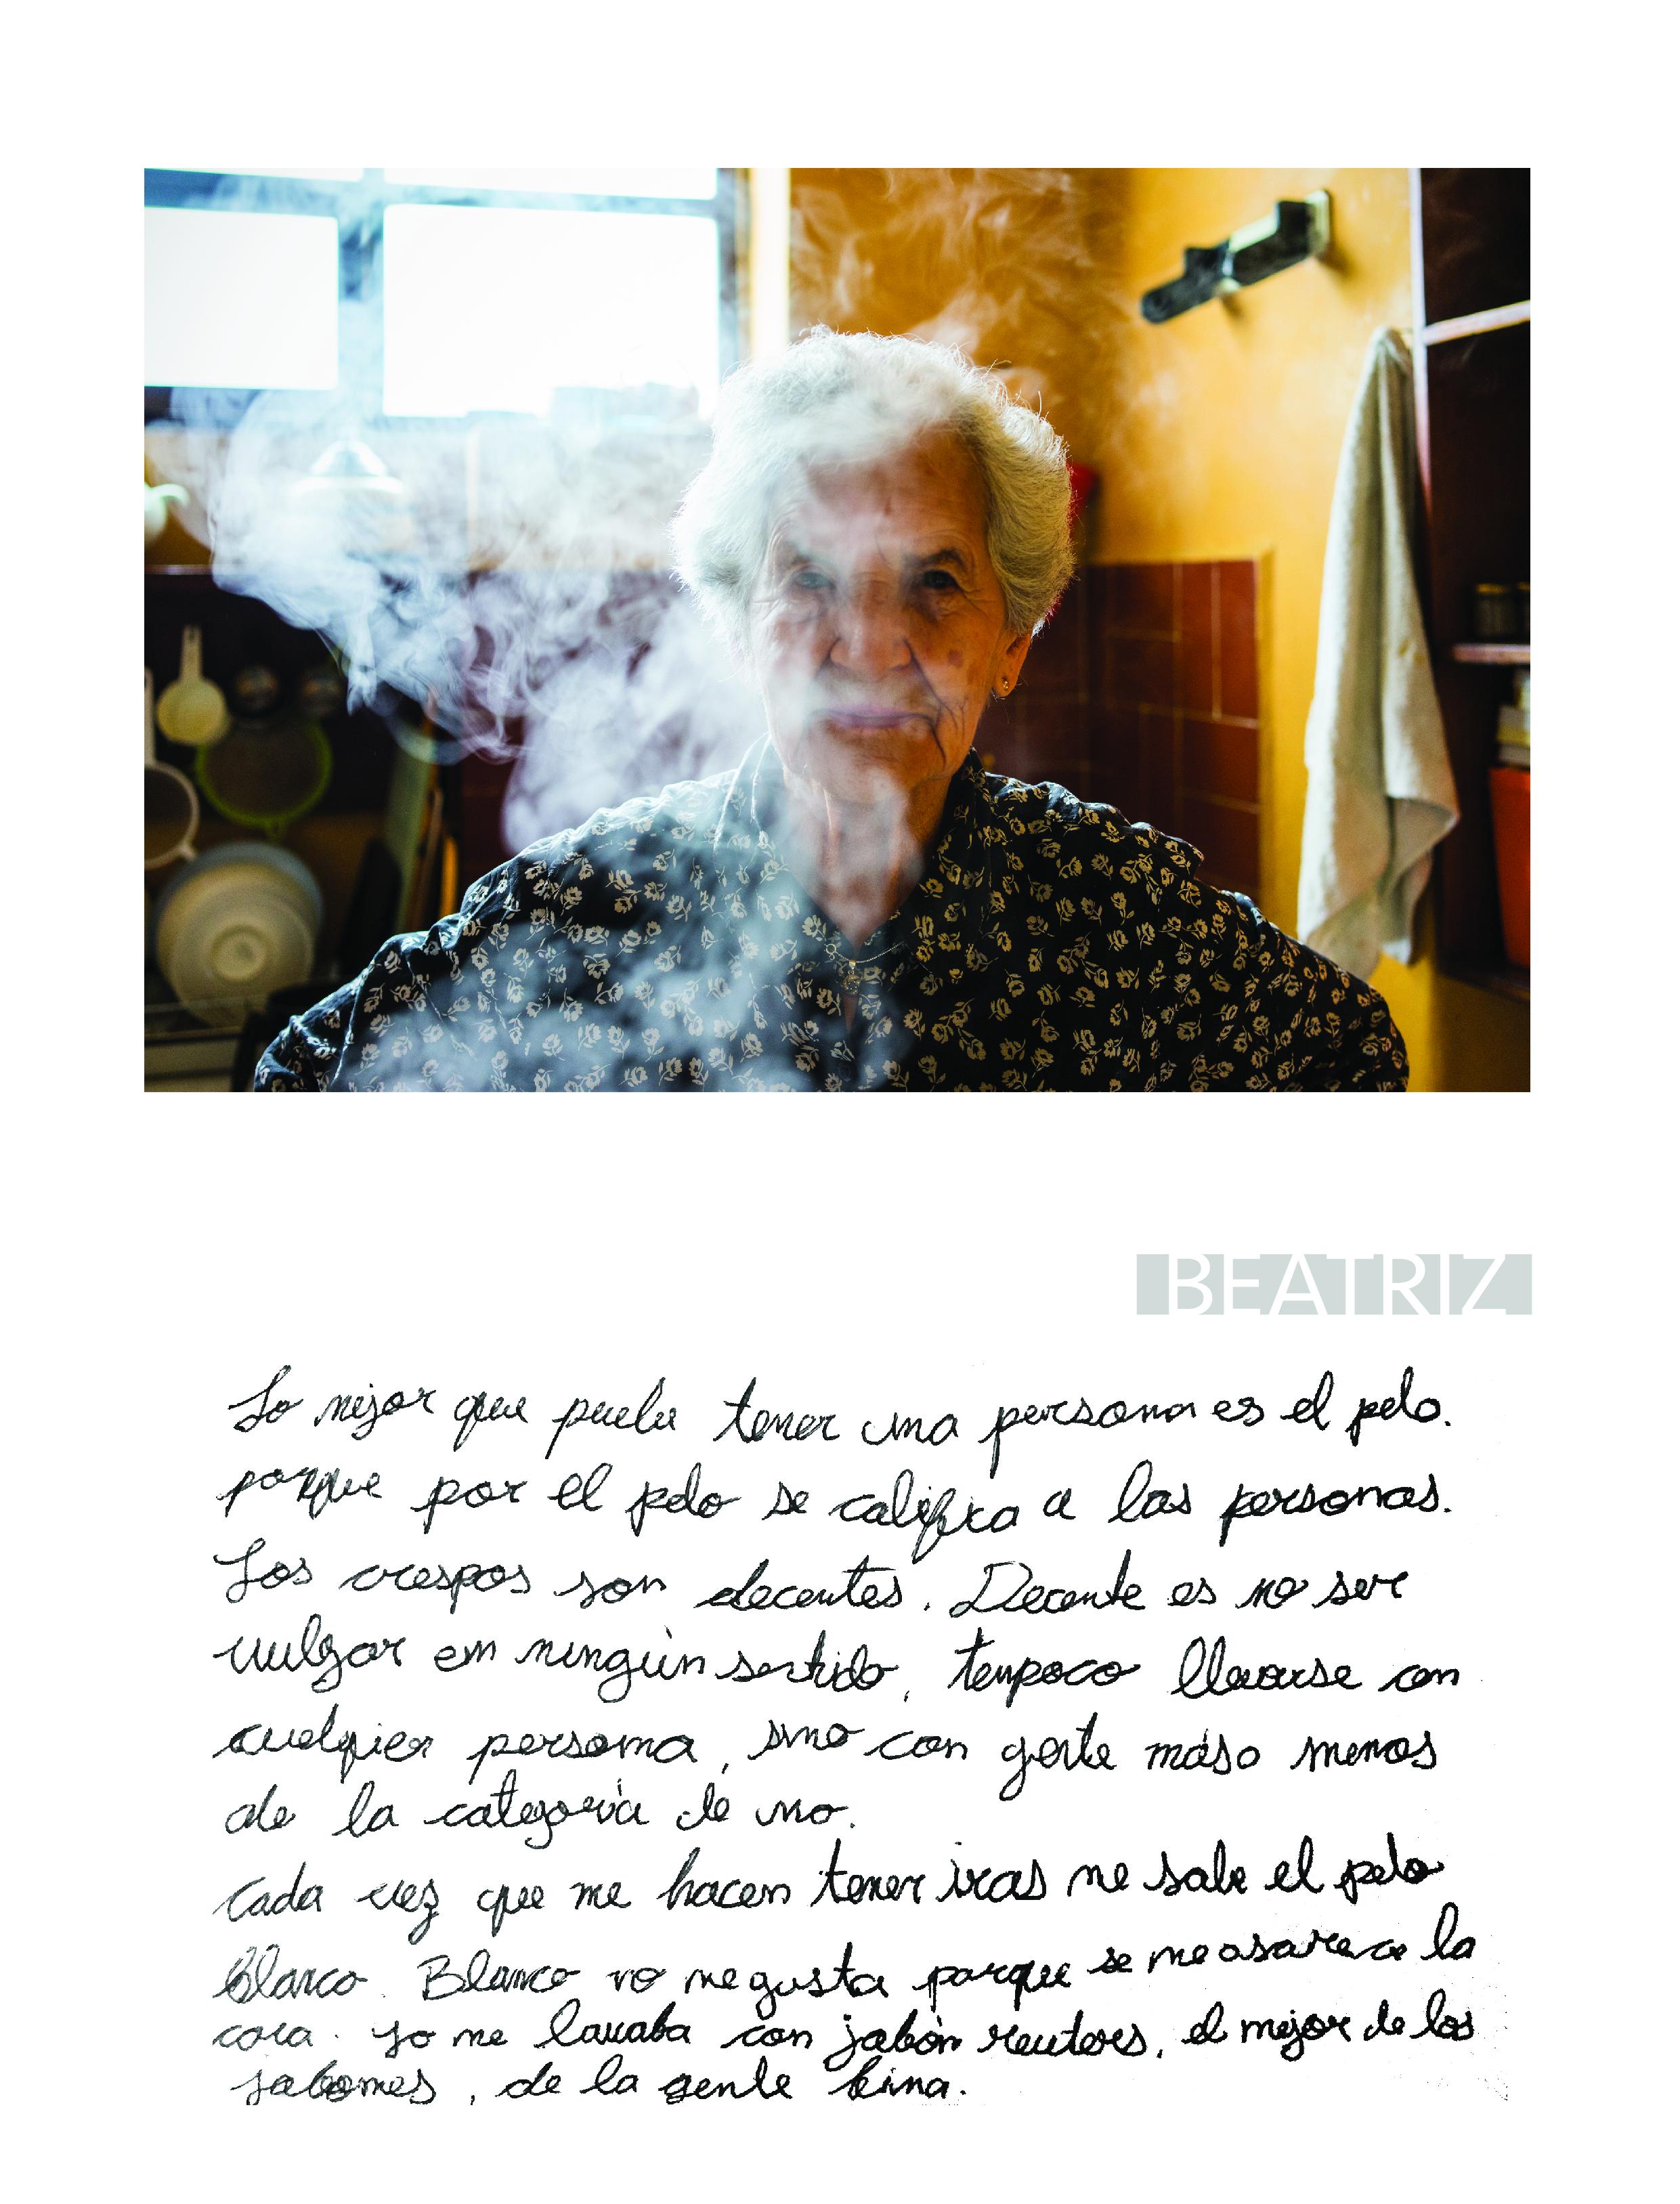 4.Beatriz.jpg